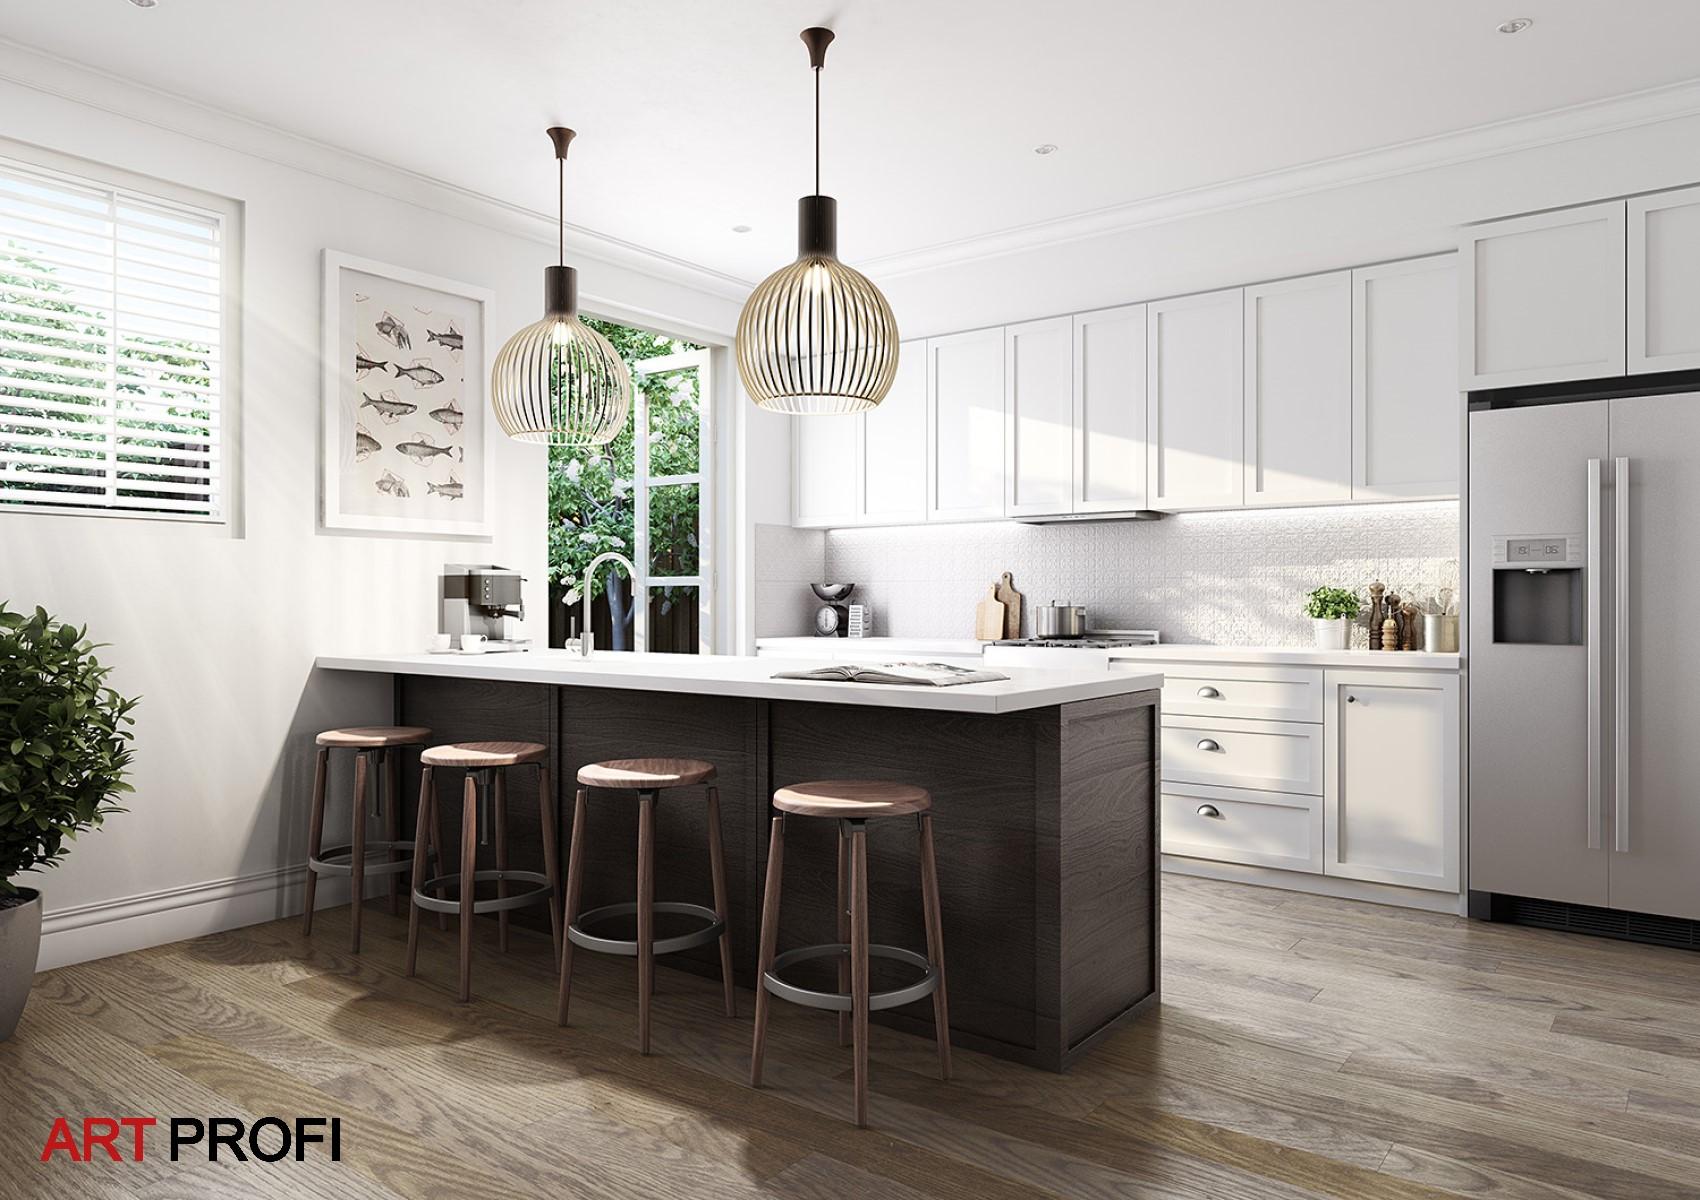 Дизайн интерьера. Дизайн кухни.